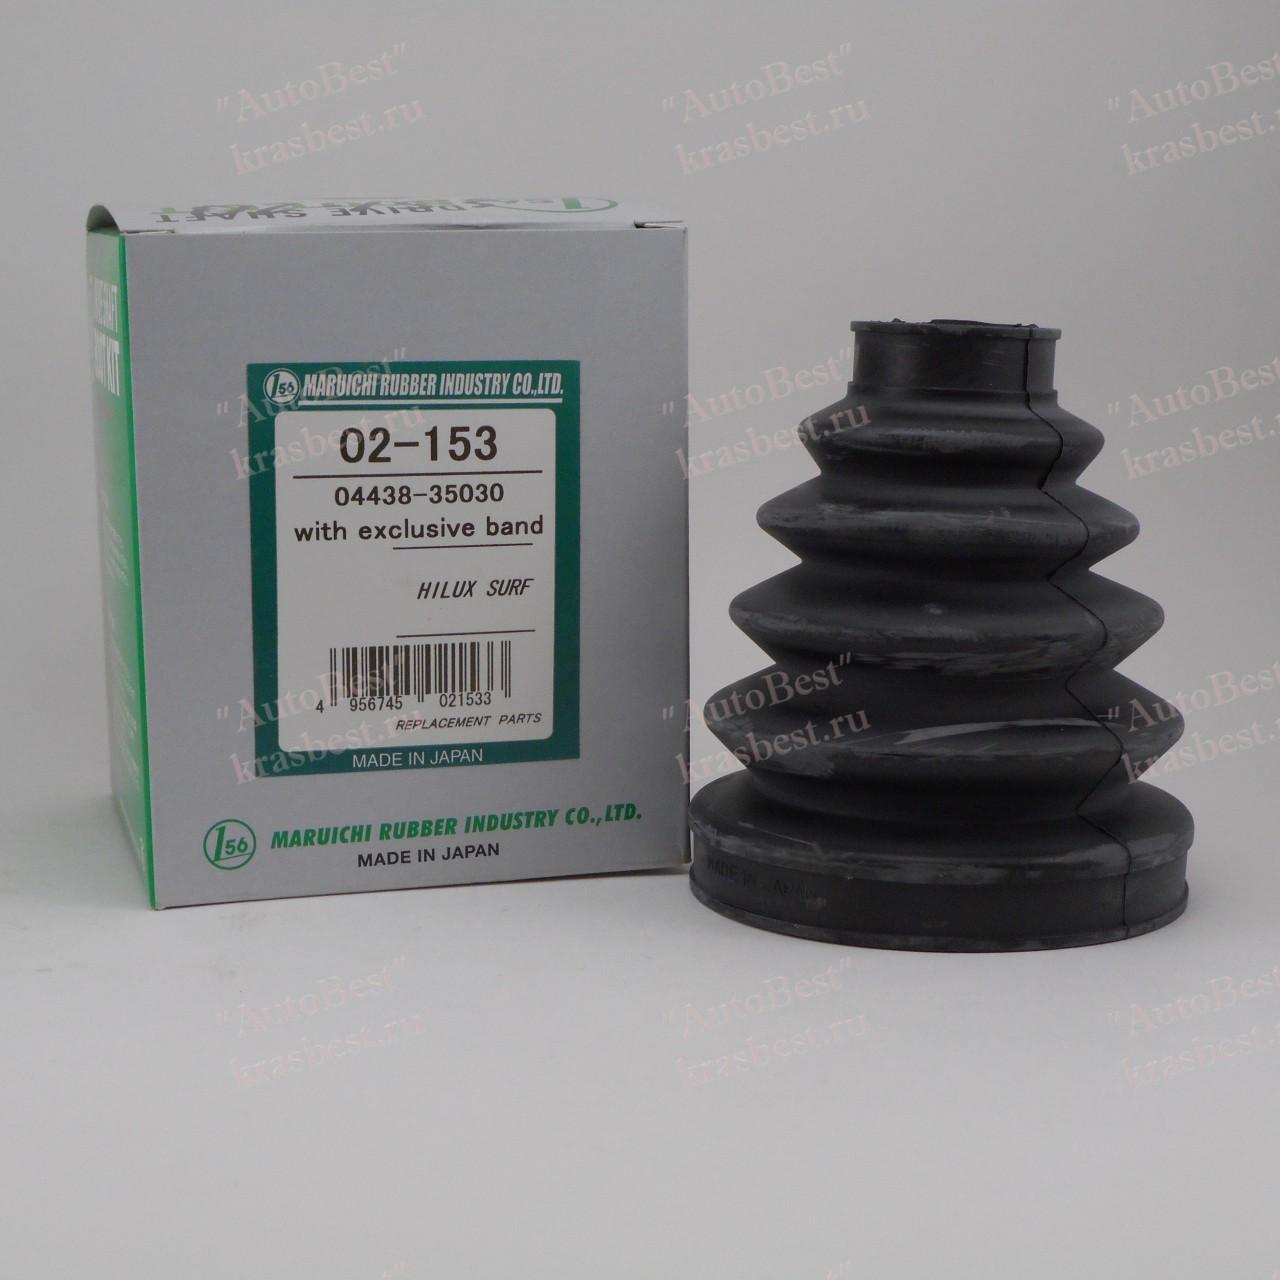 Термостат тс-80-10/01 пайка меди оборудование